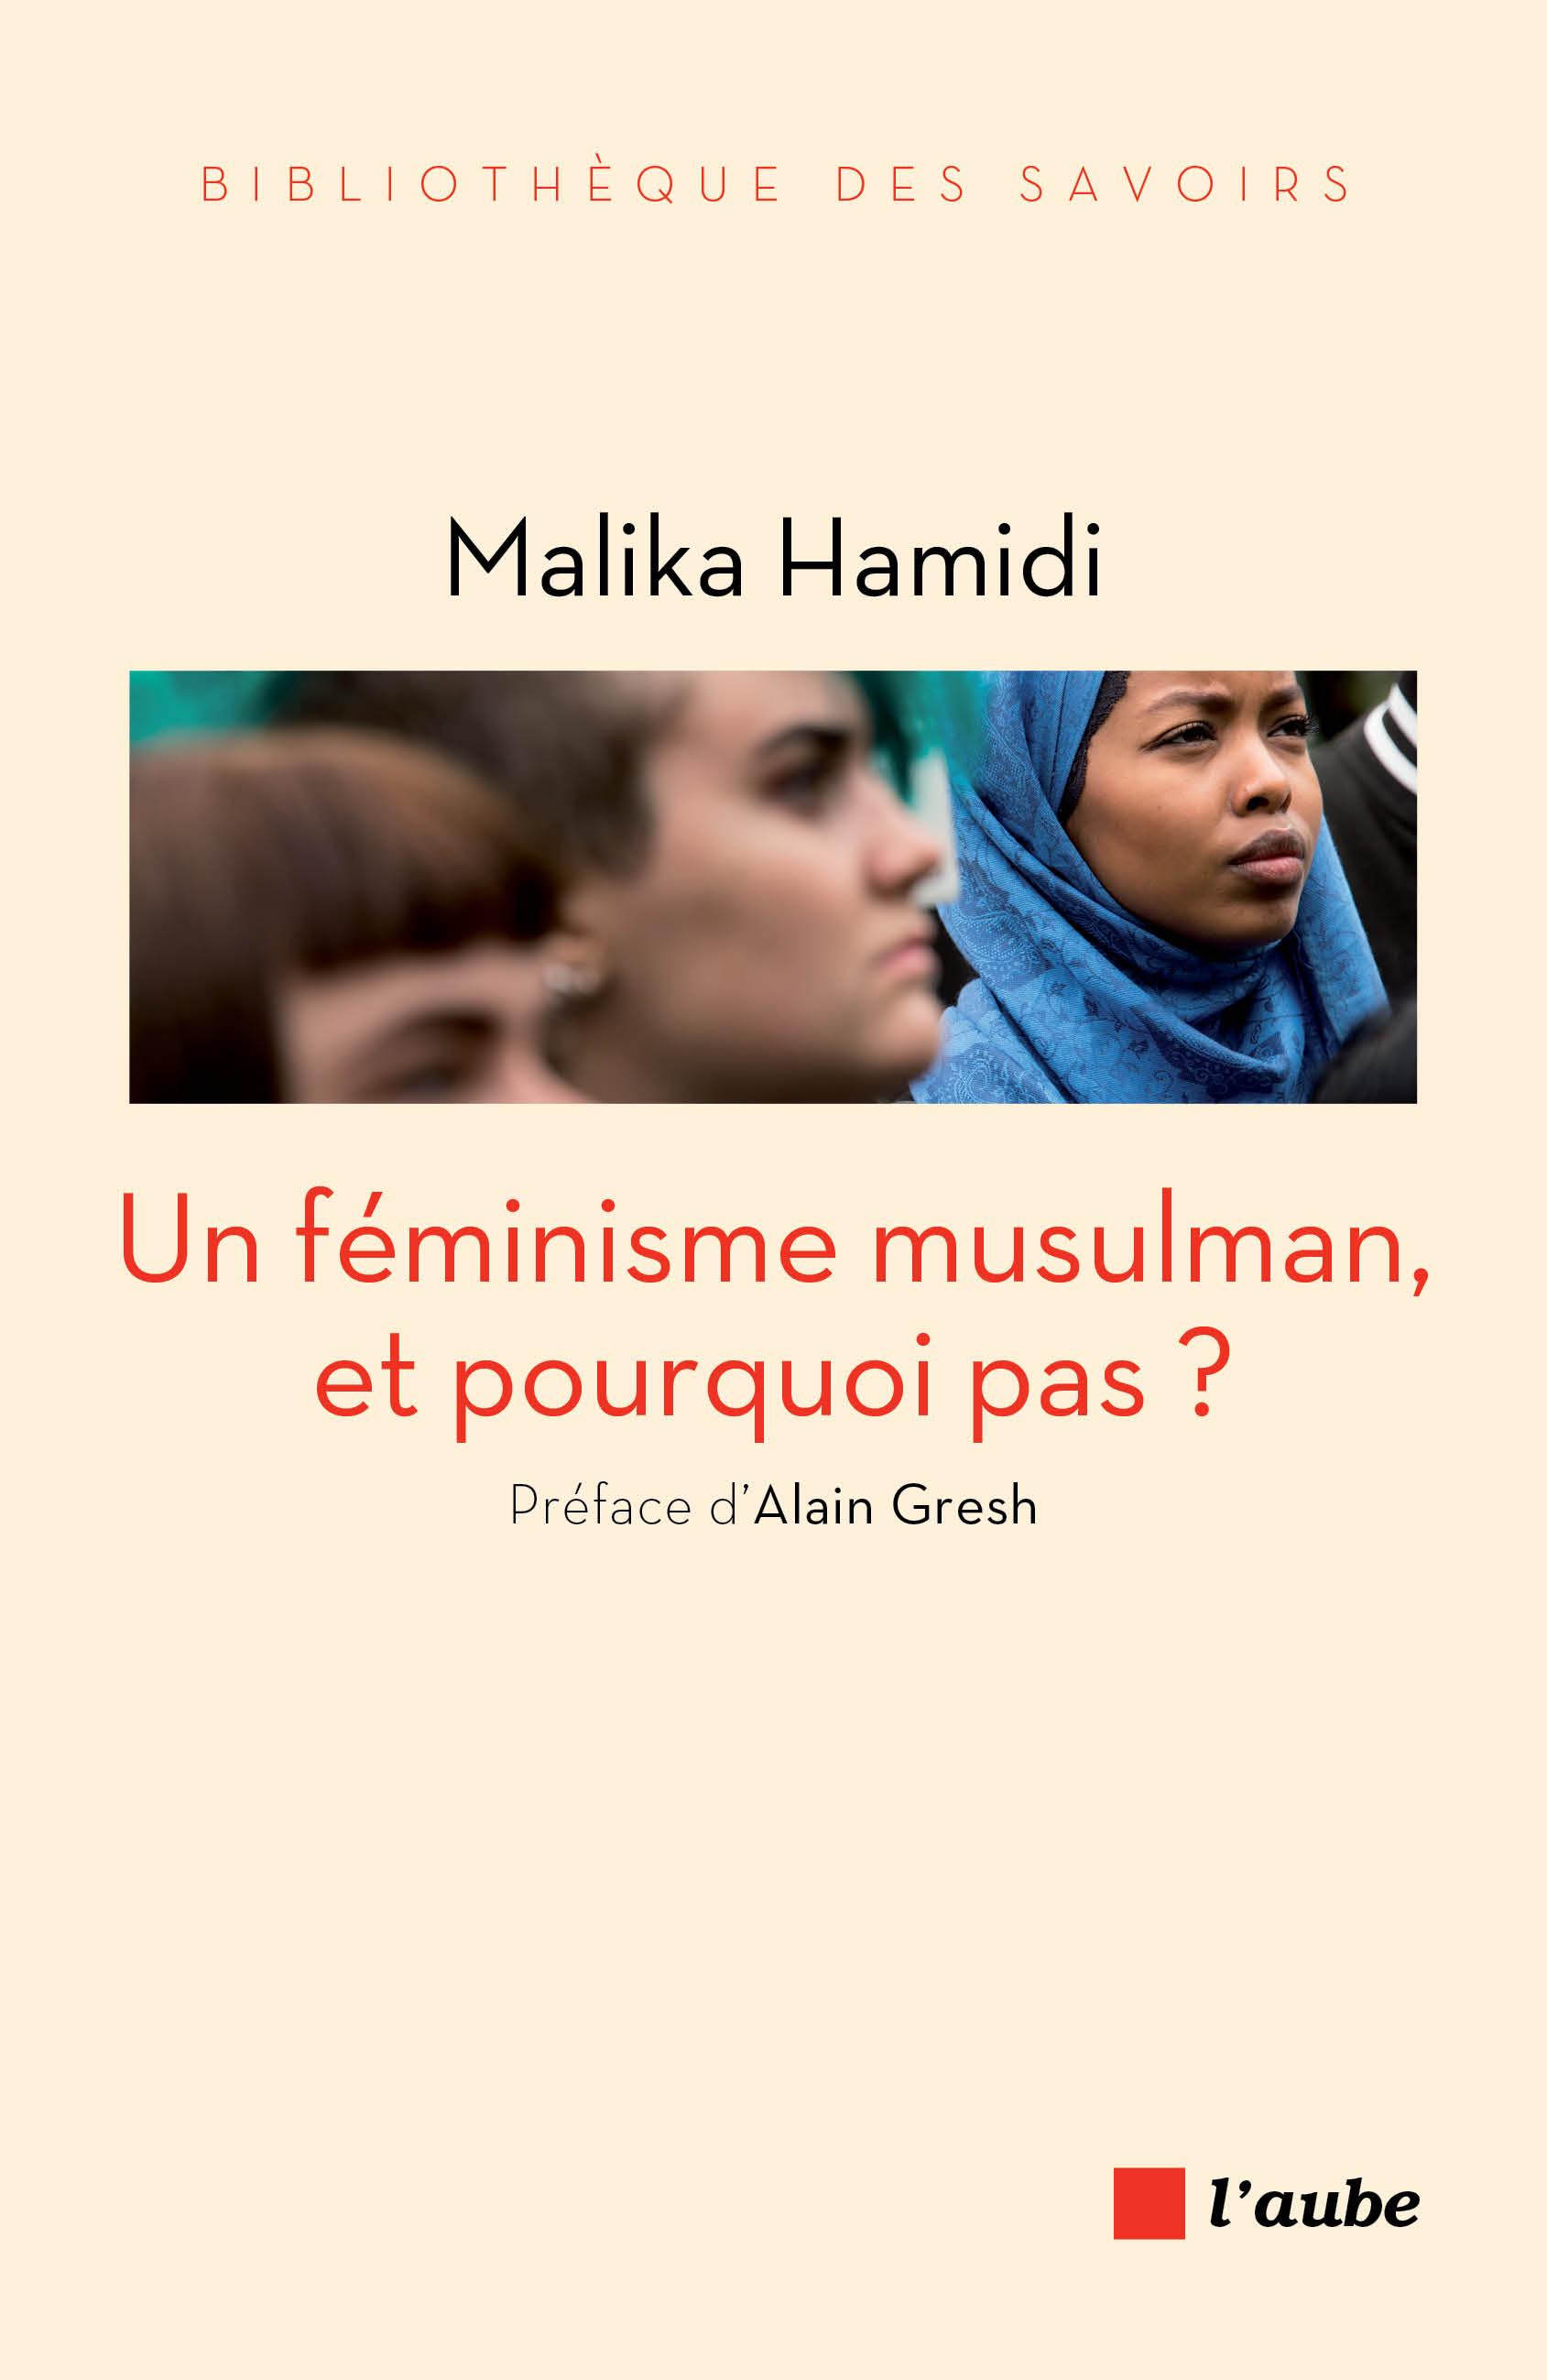 Un féminisme musulman, et pourquoi pas ?